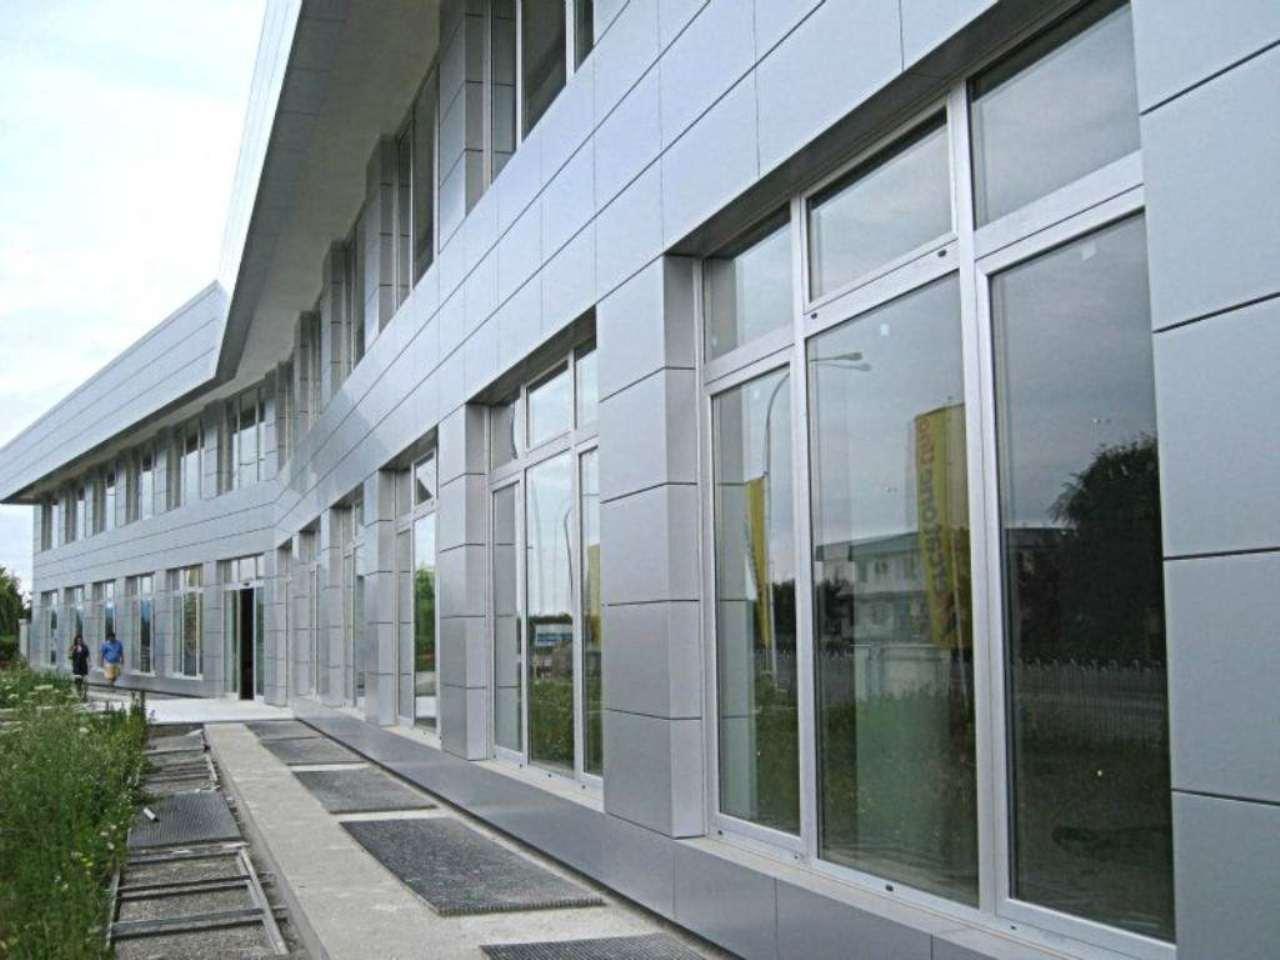 Ufficio / Studio in affitto a Brandizzo, 2 locali, prezzo € 2.200 | Cambio Casa.it